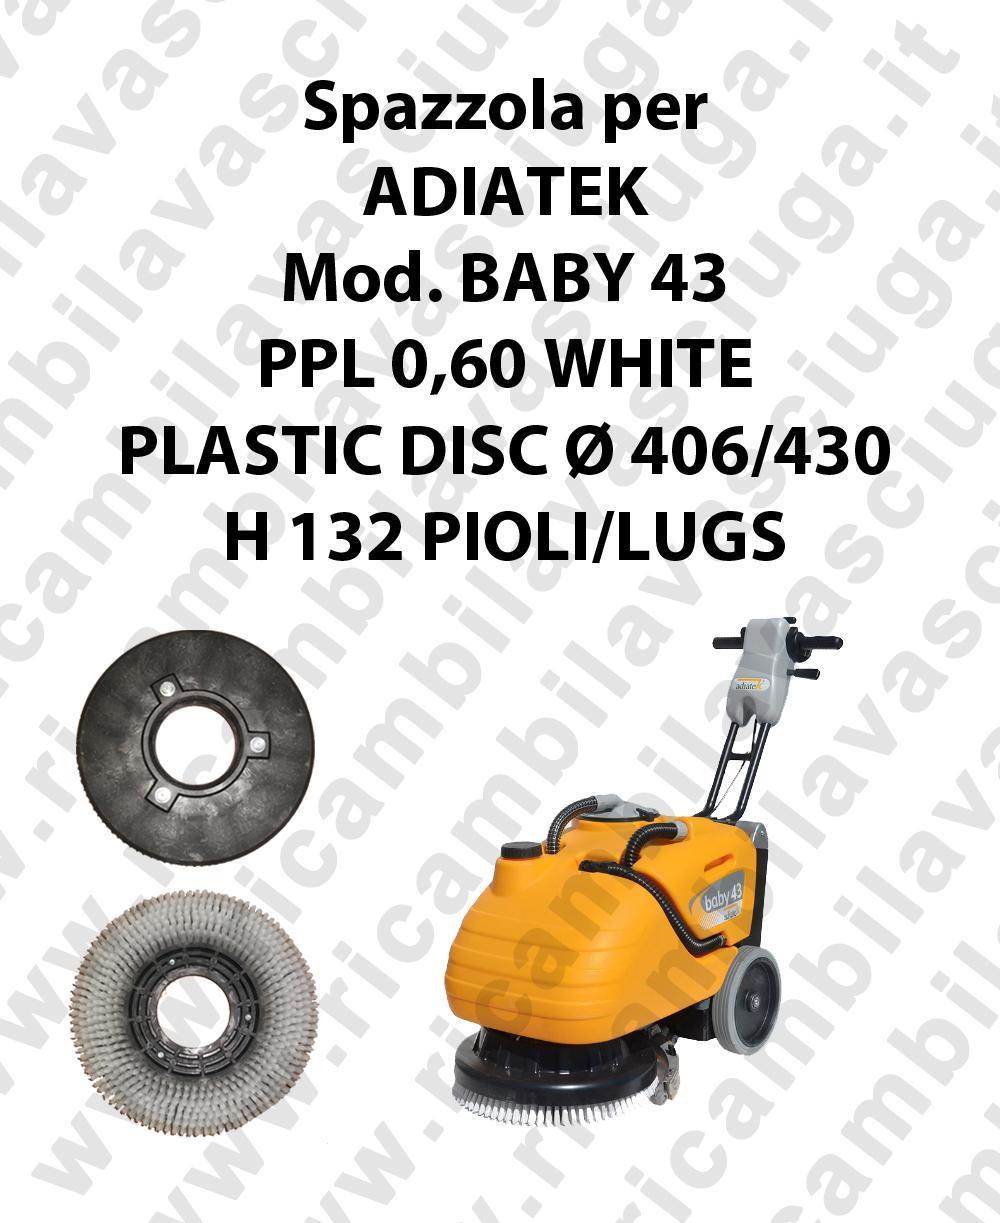 Cleaning Brush PPL 0,60 WHITE for scrubber dryer ADIATEK Model BABY 43